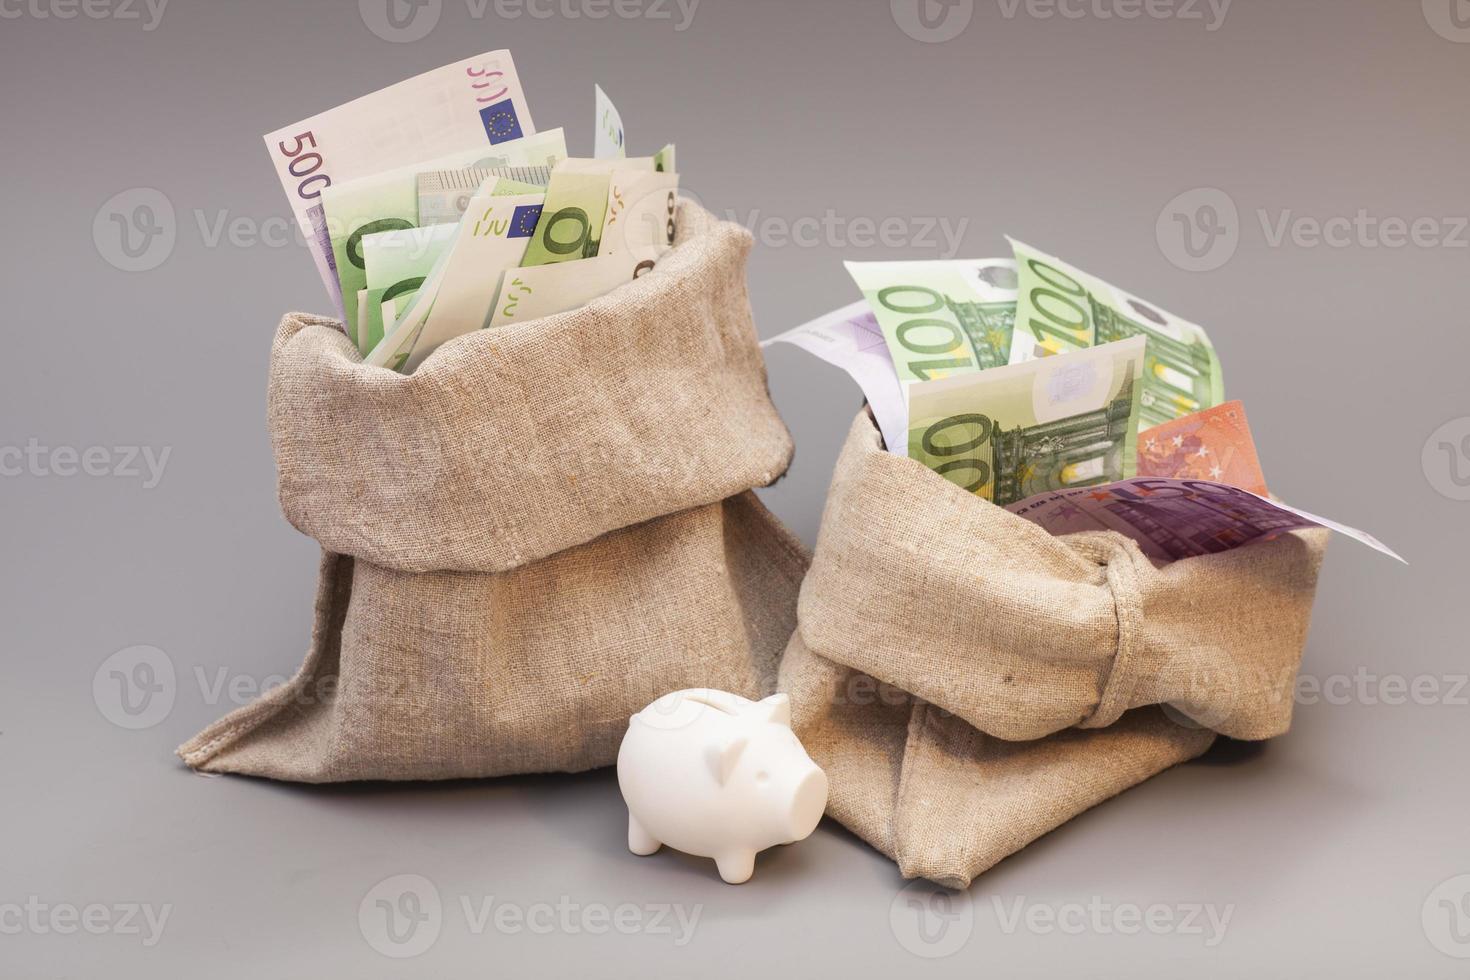 borsa da due soldi con euro e salvadanaio foto